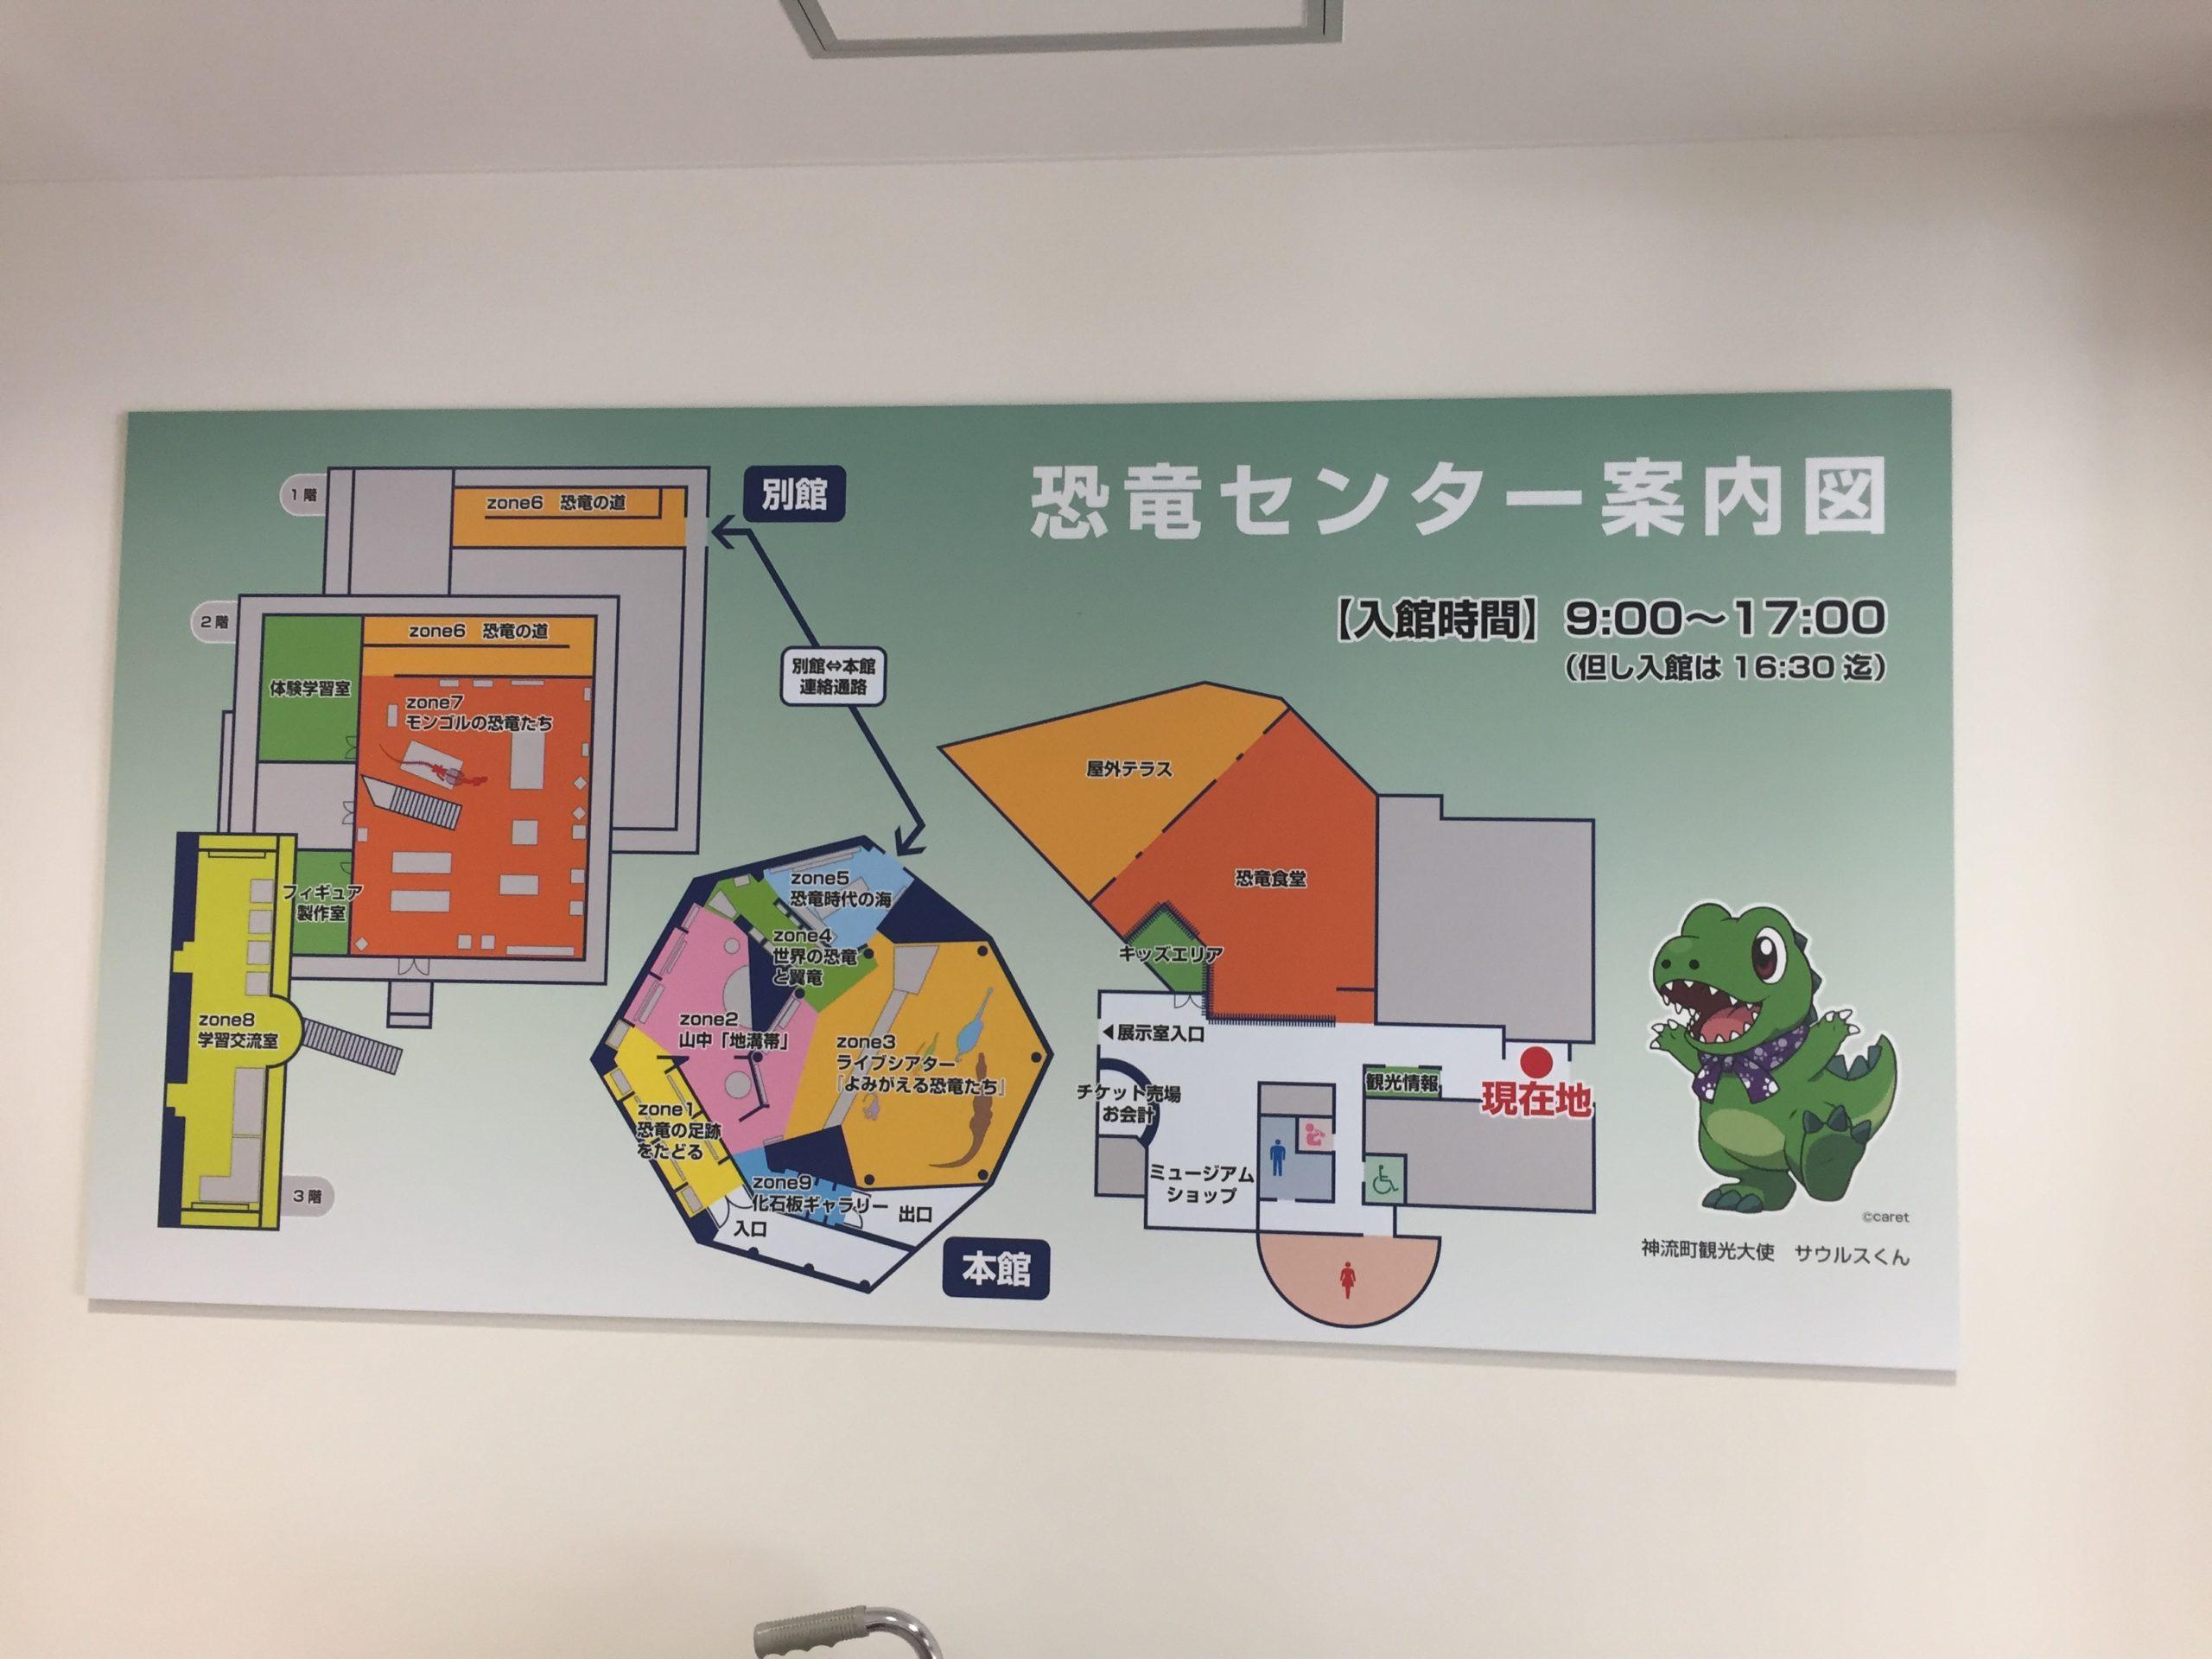 恐竜センター案内図